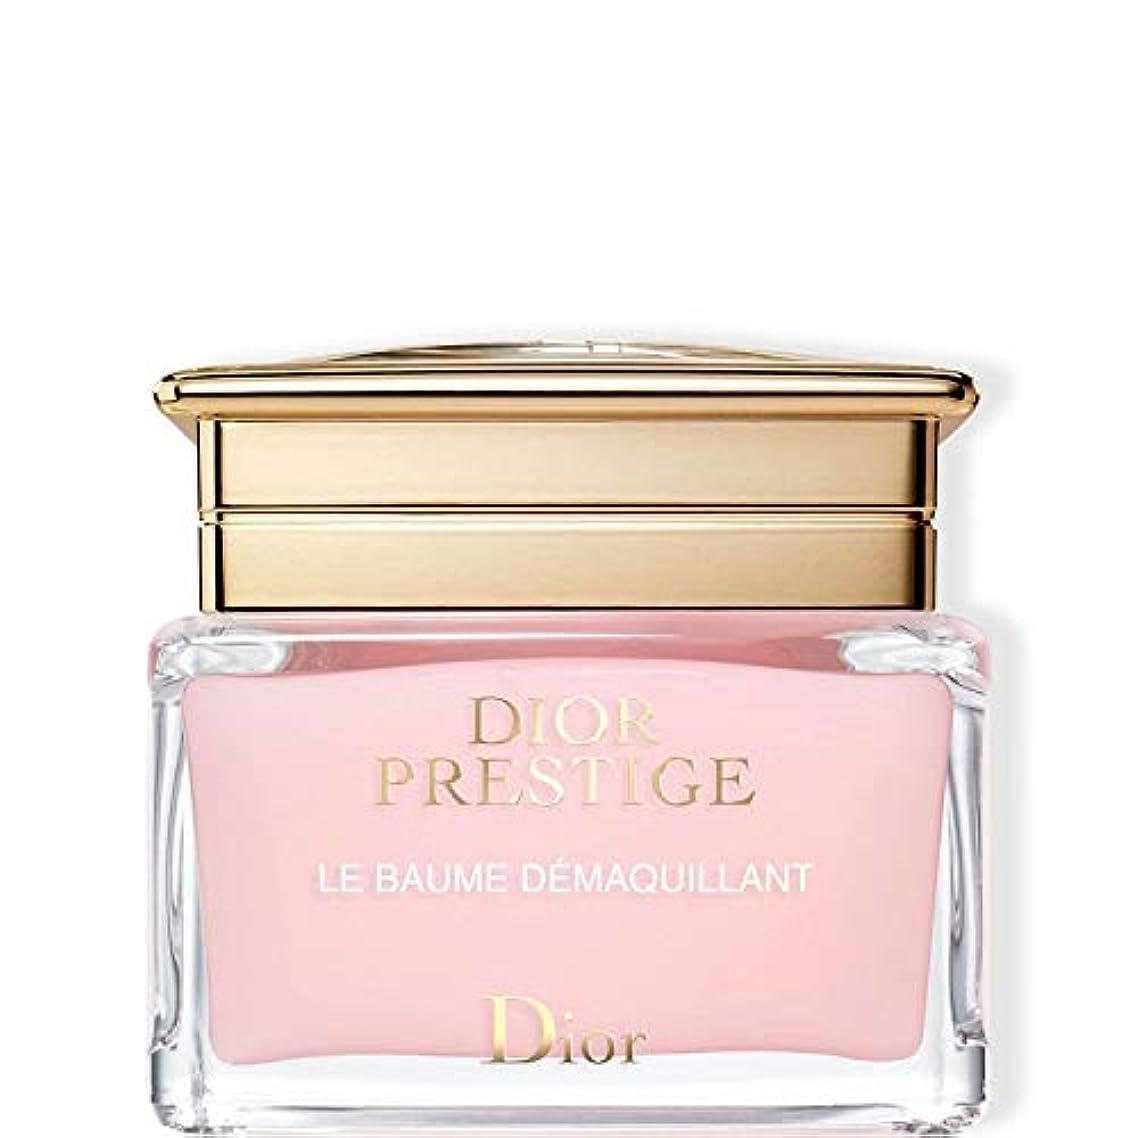 鉱夫破壊的な連鎖Dior(ディオール) プレステージ ル バーム デマキャント 150mL